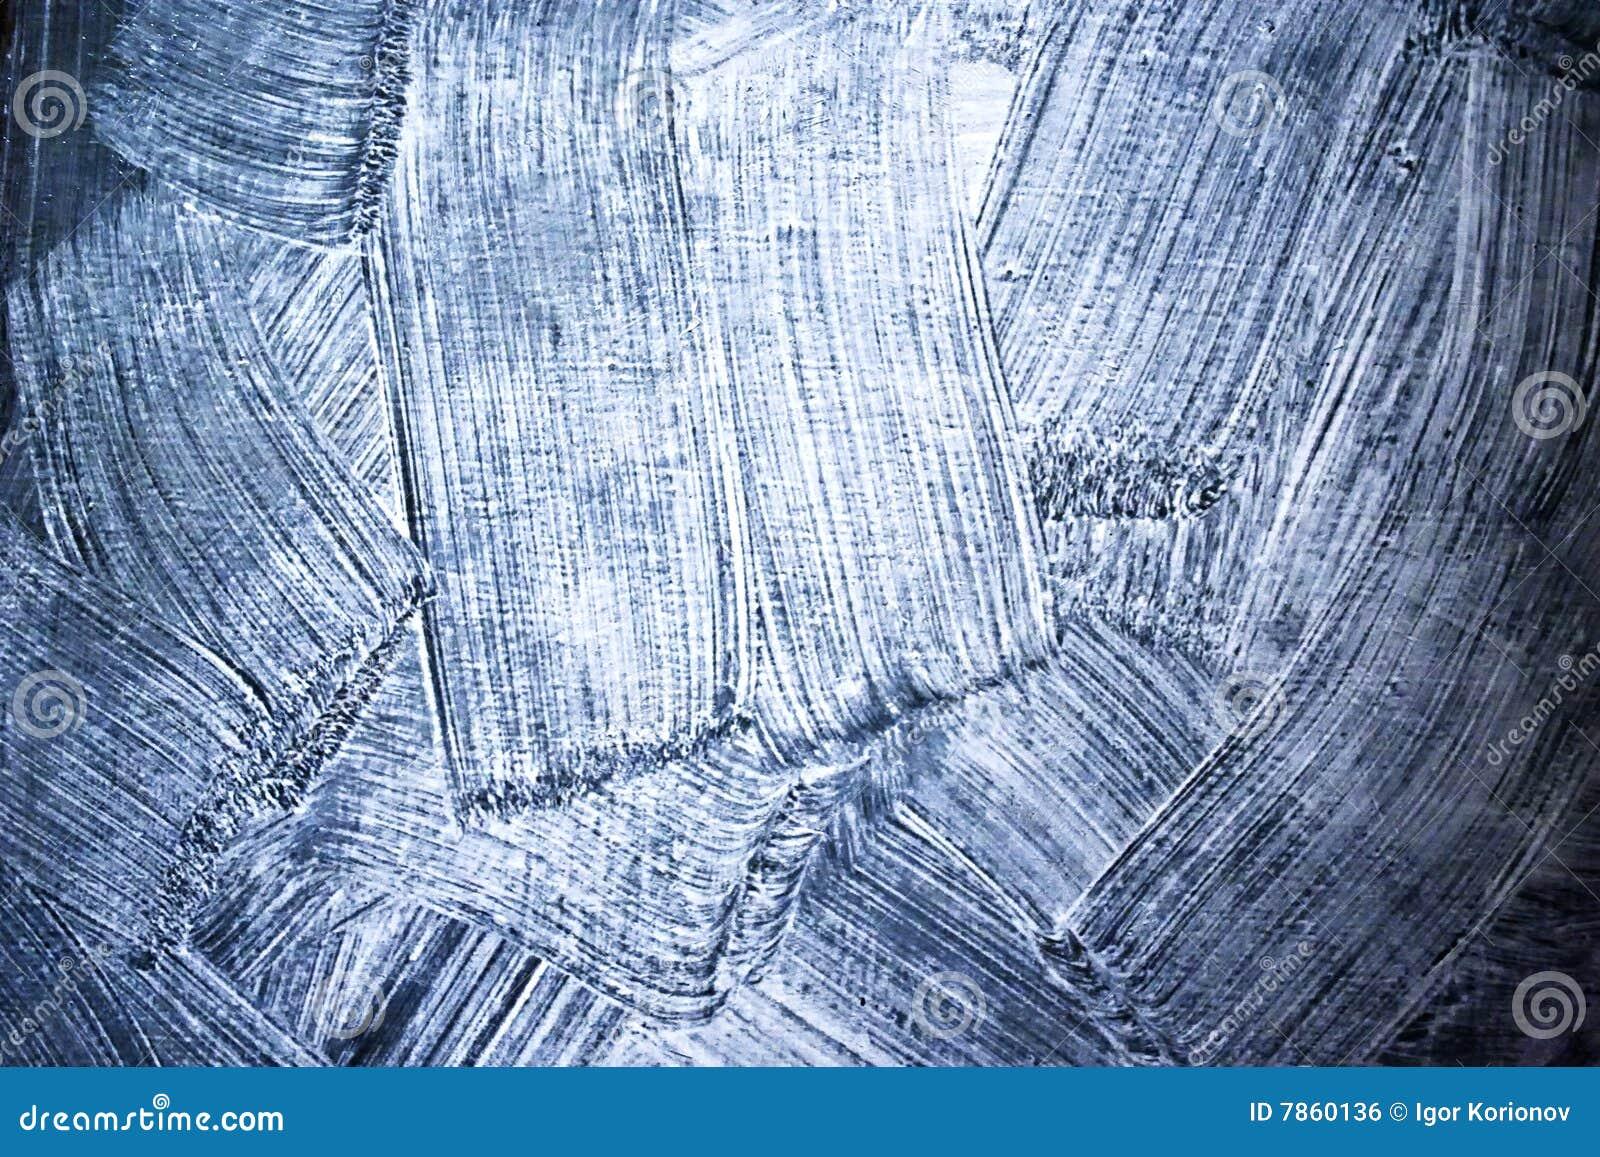 Achtergrond met een grijze verf royalty vrije stock afbeelding afbeelding 7860136 - Grijze verf ...